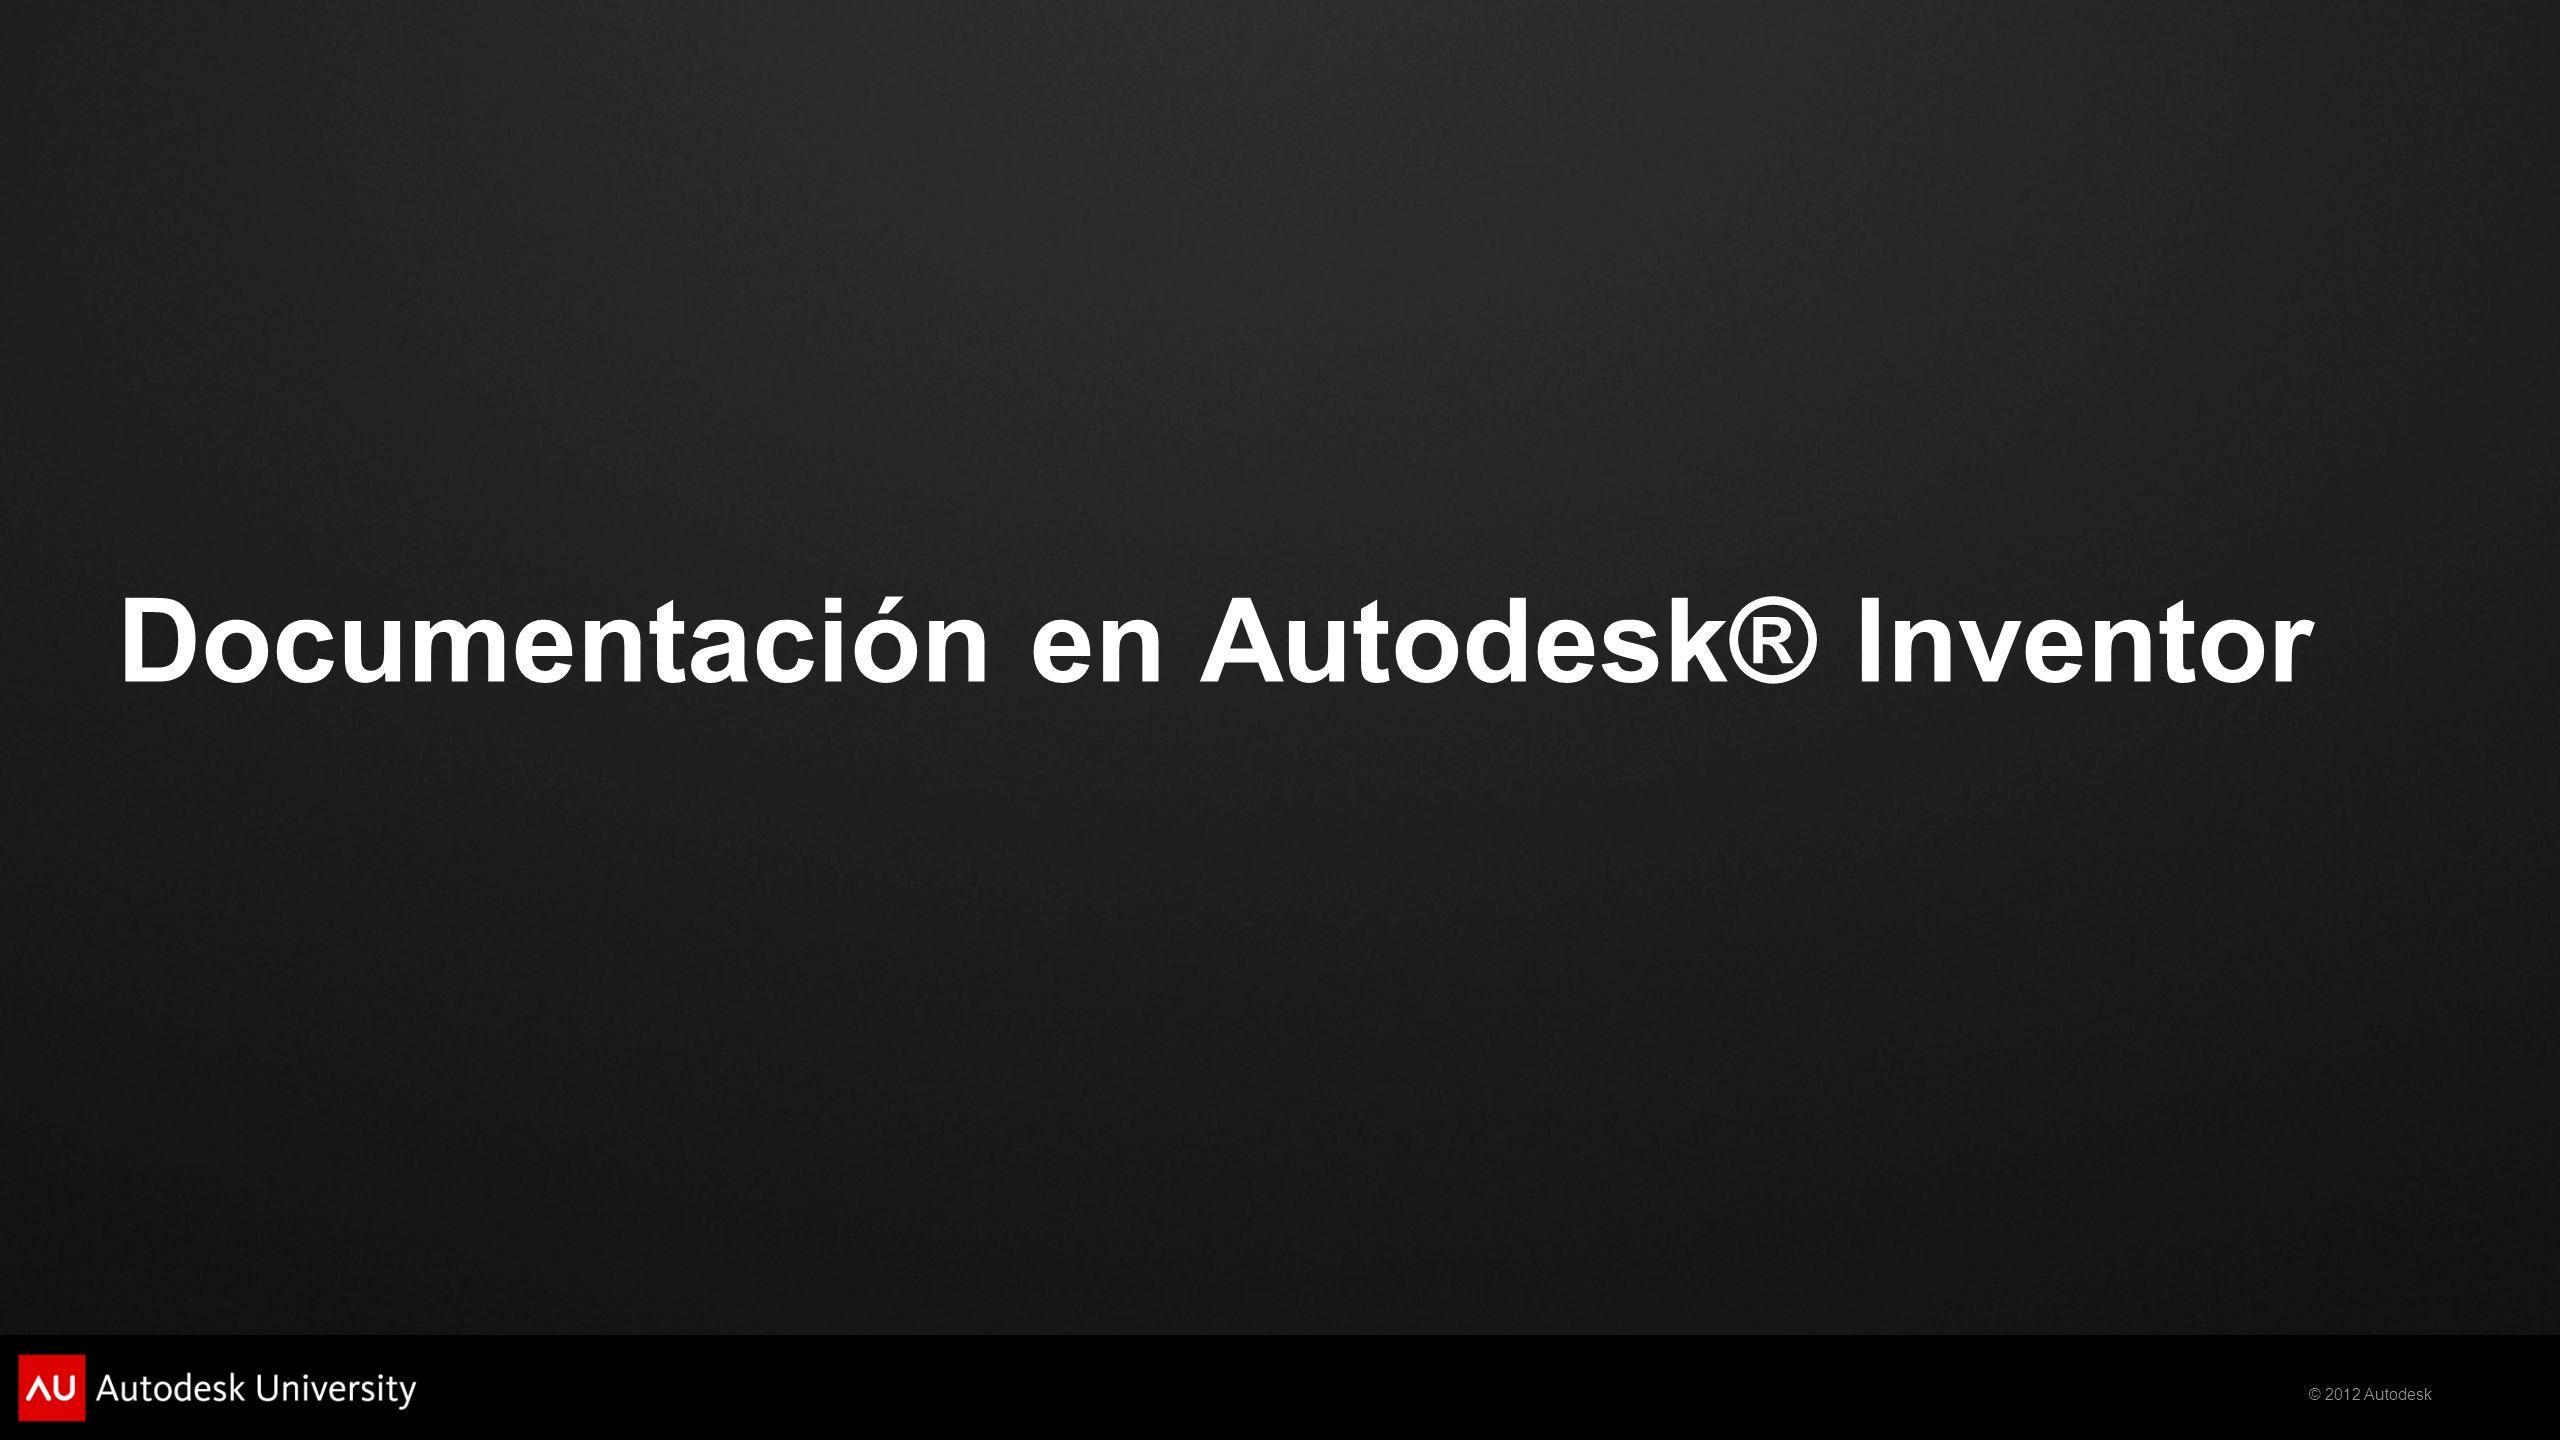 Documentación en Autodesk® Inventor